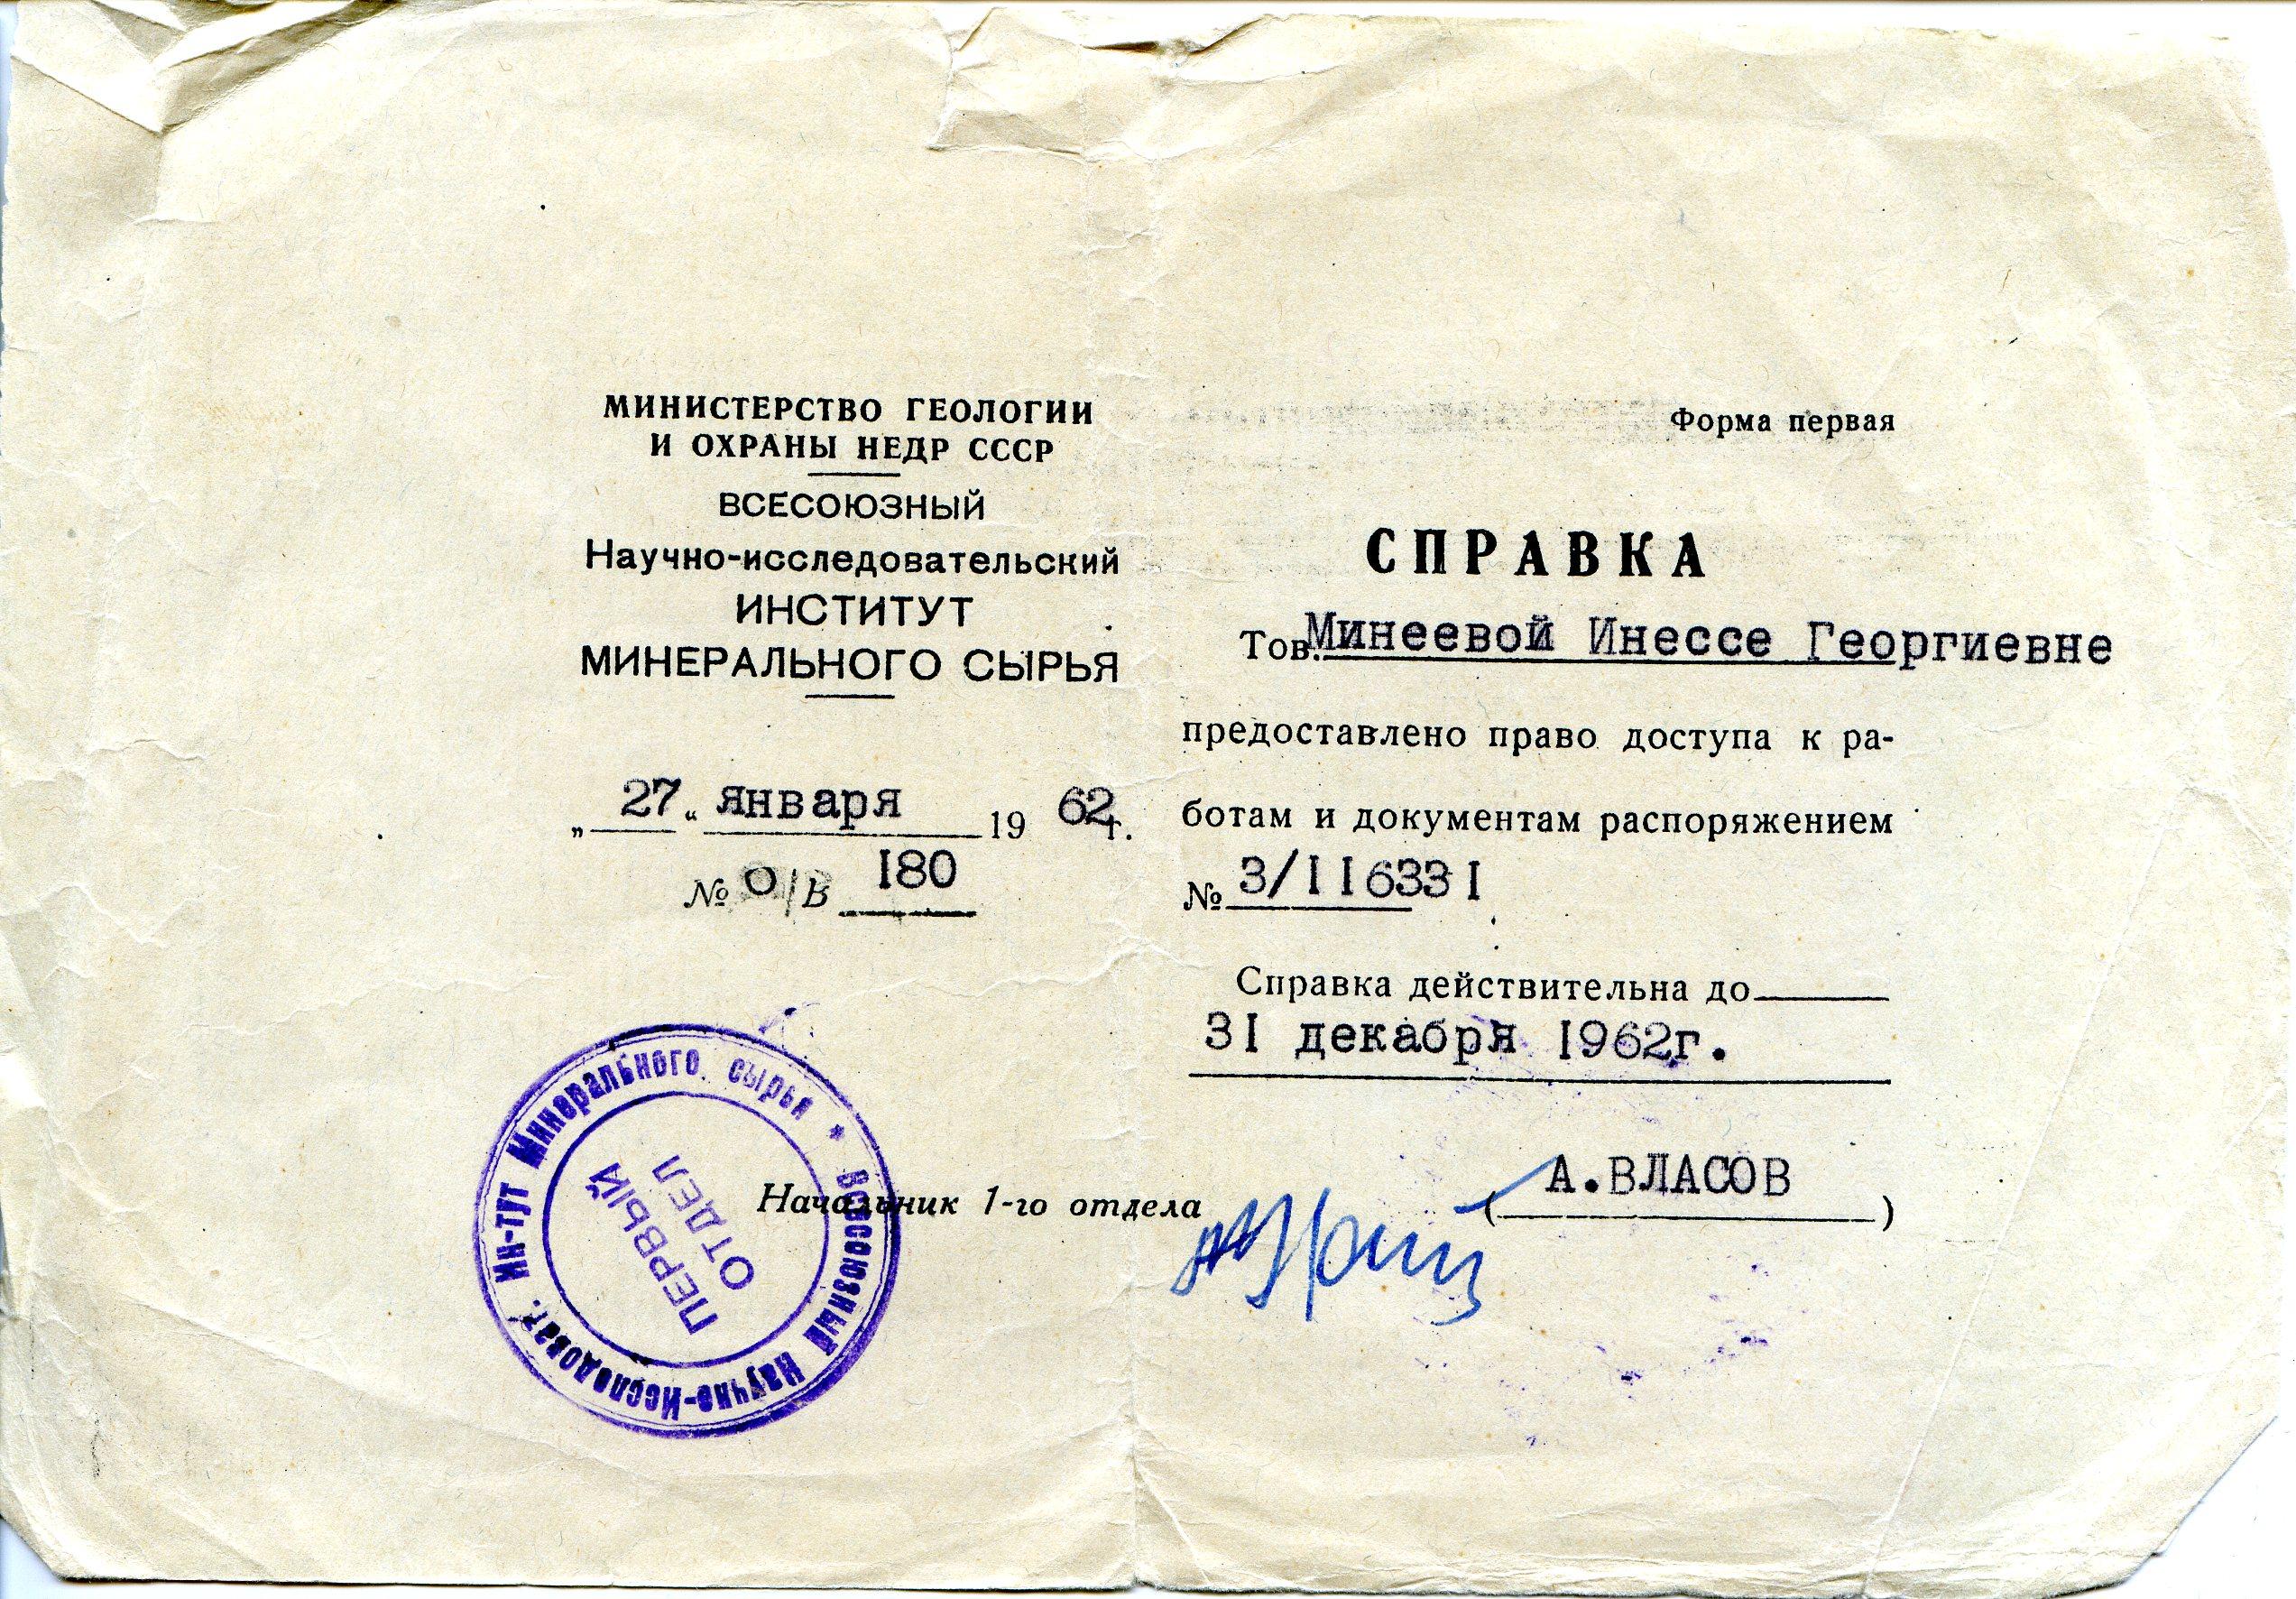 1962 форма 1001.jpg